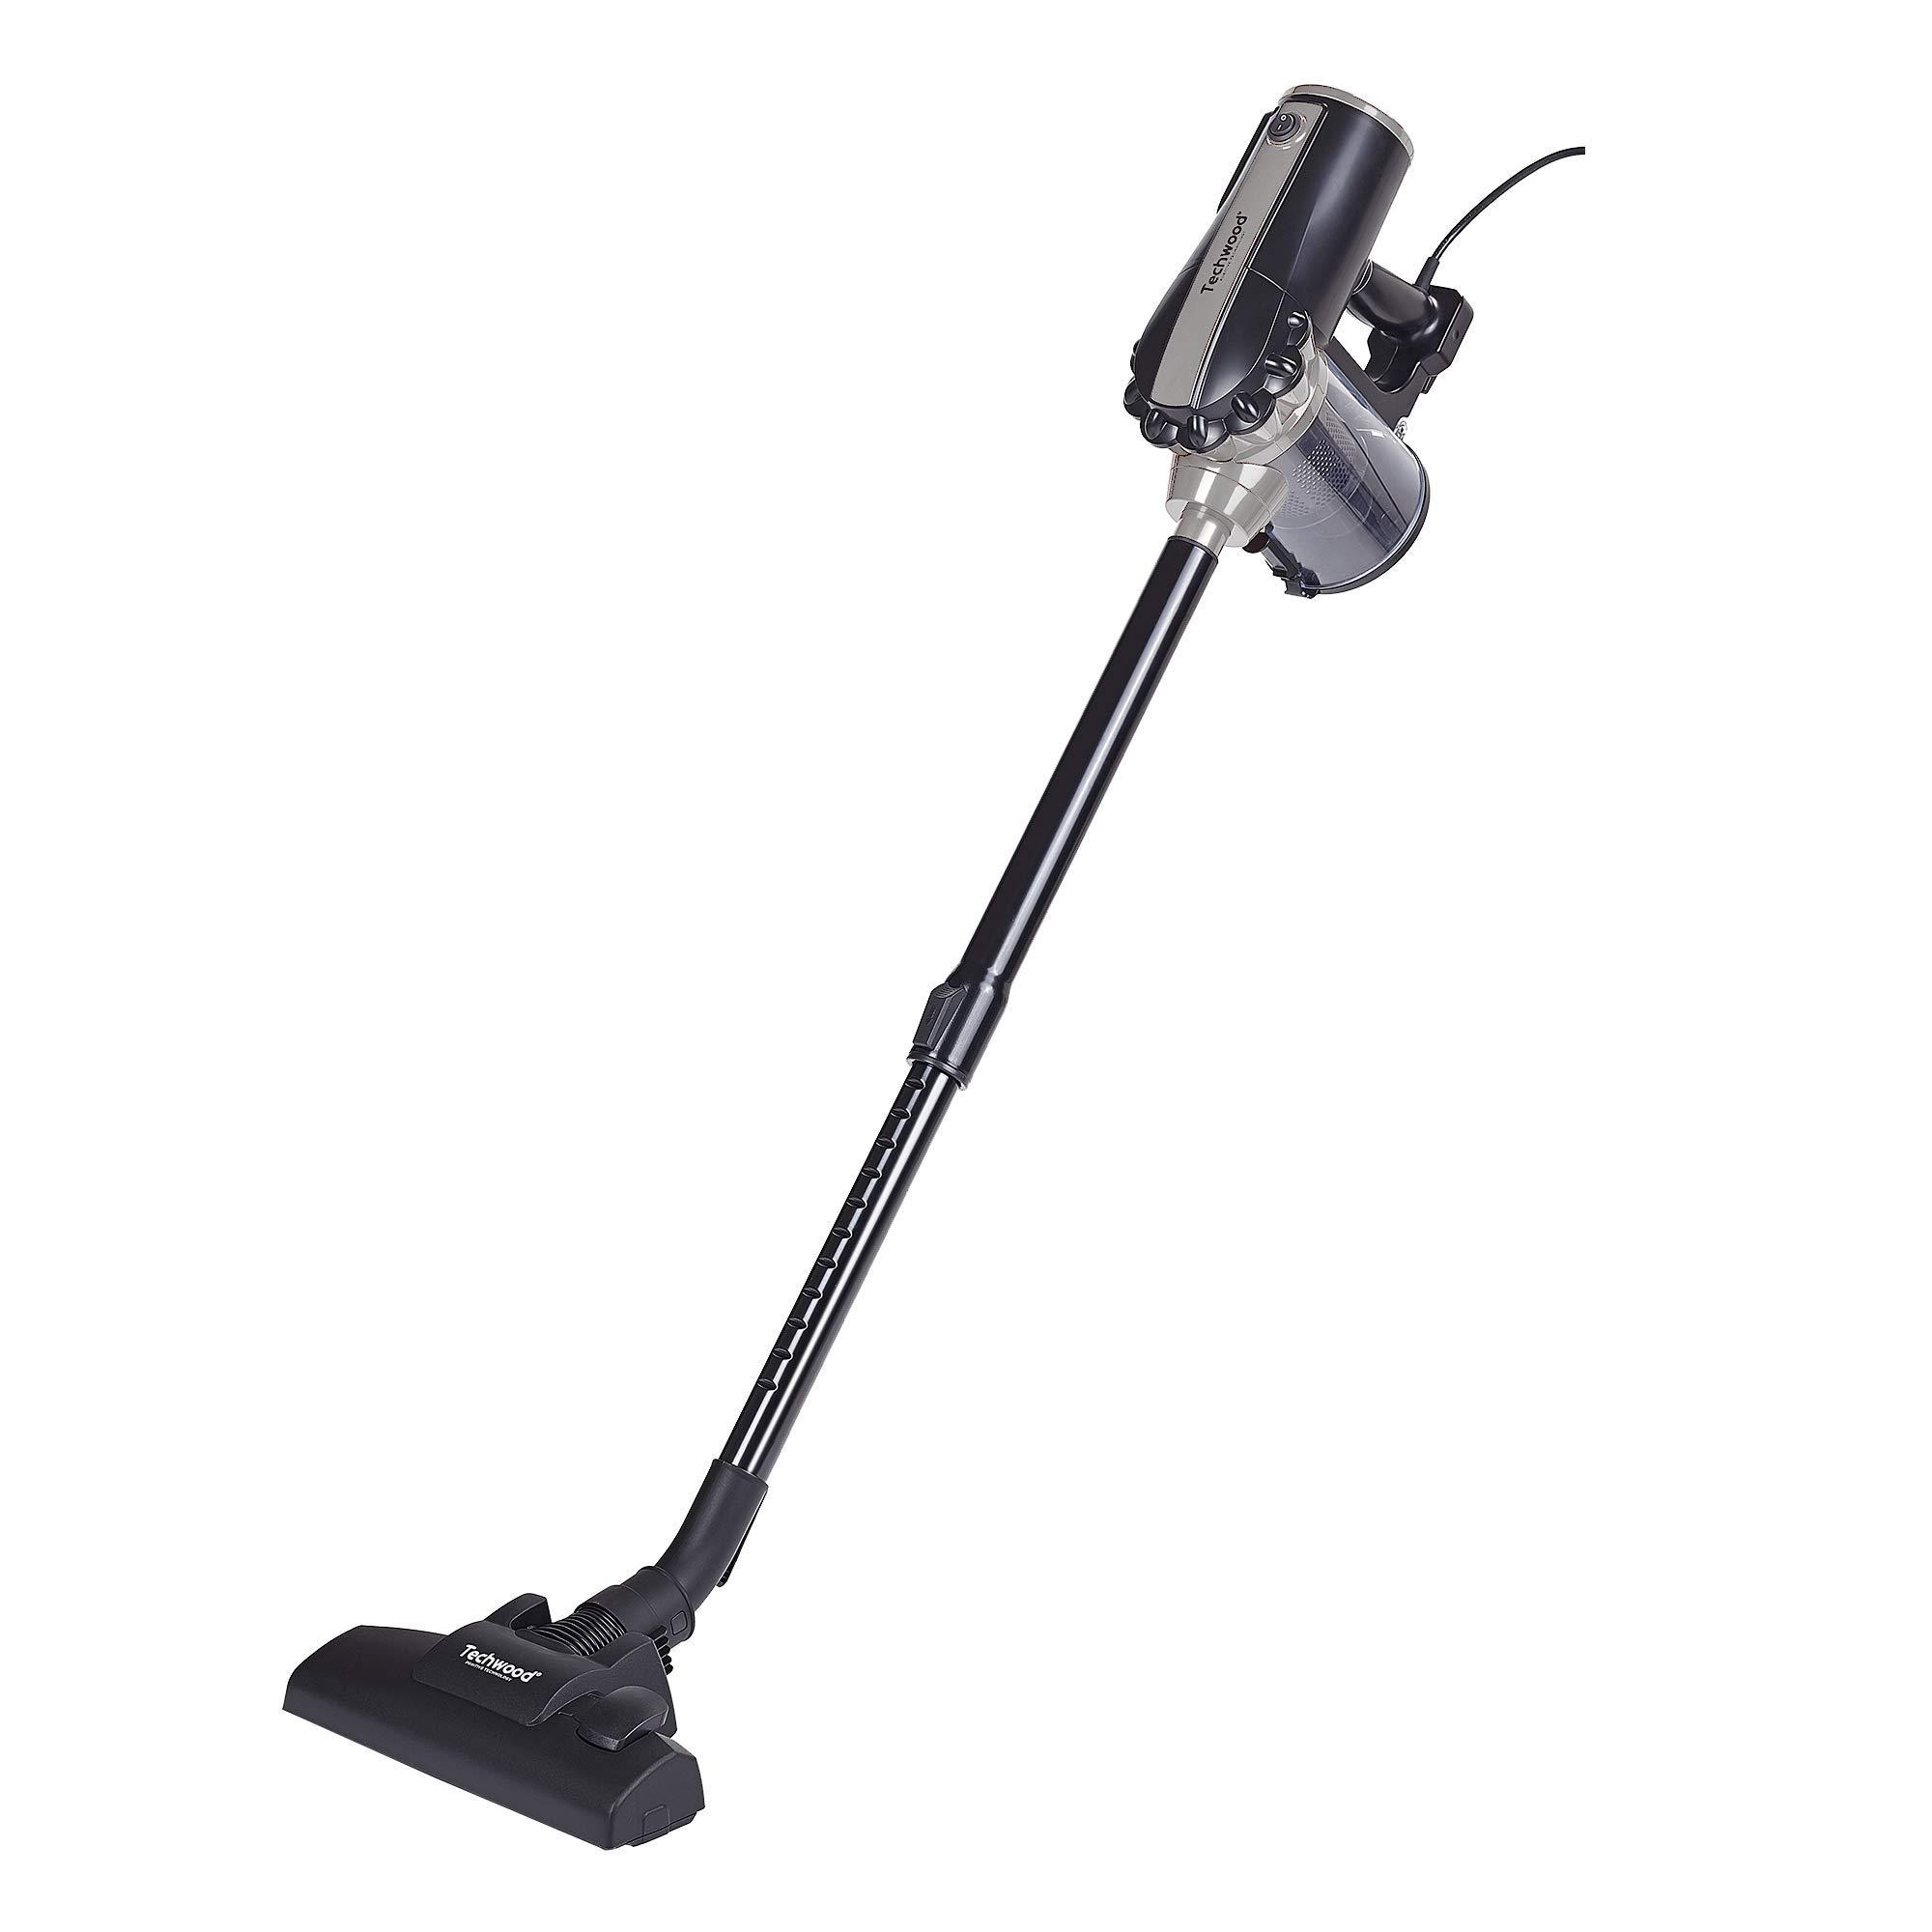 Techwood TAS-656 - Aspirador escoba 2 en 1, 0,5 l, 600 W, color negro y plata: Amazon.es: Hogar